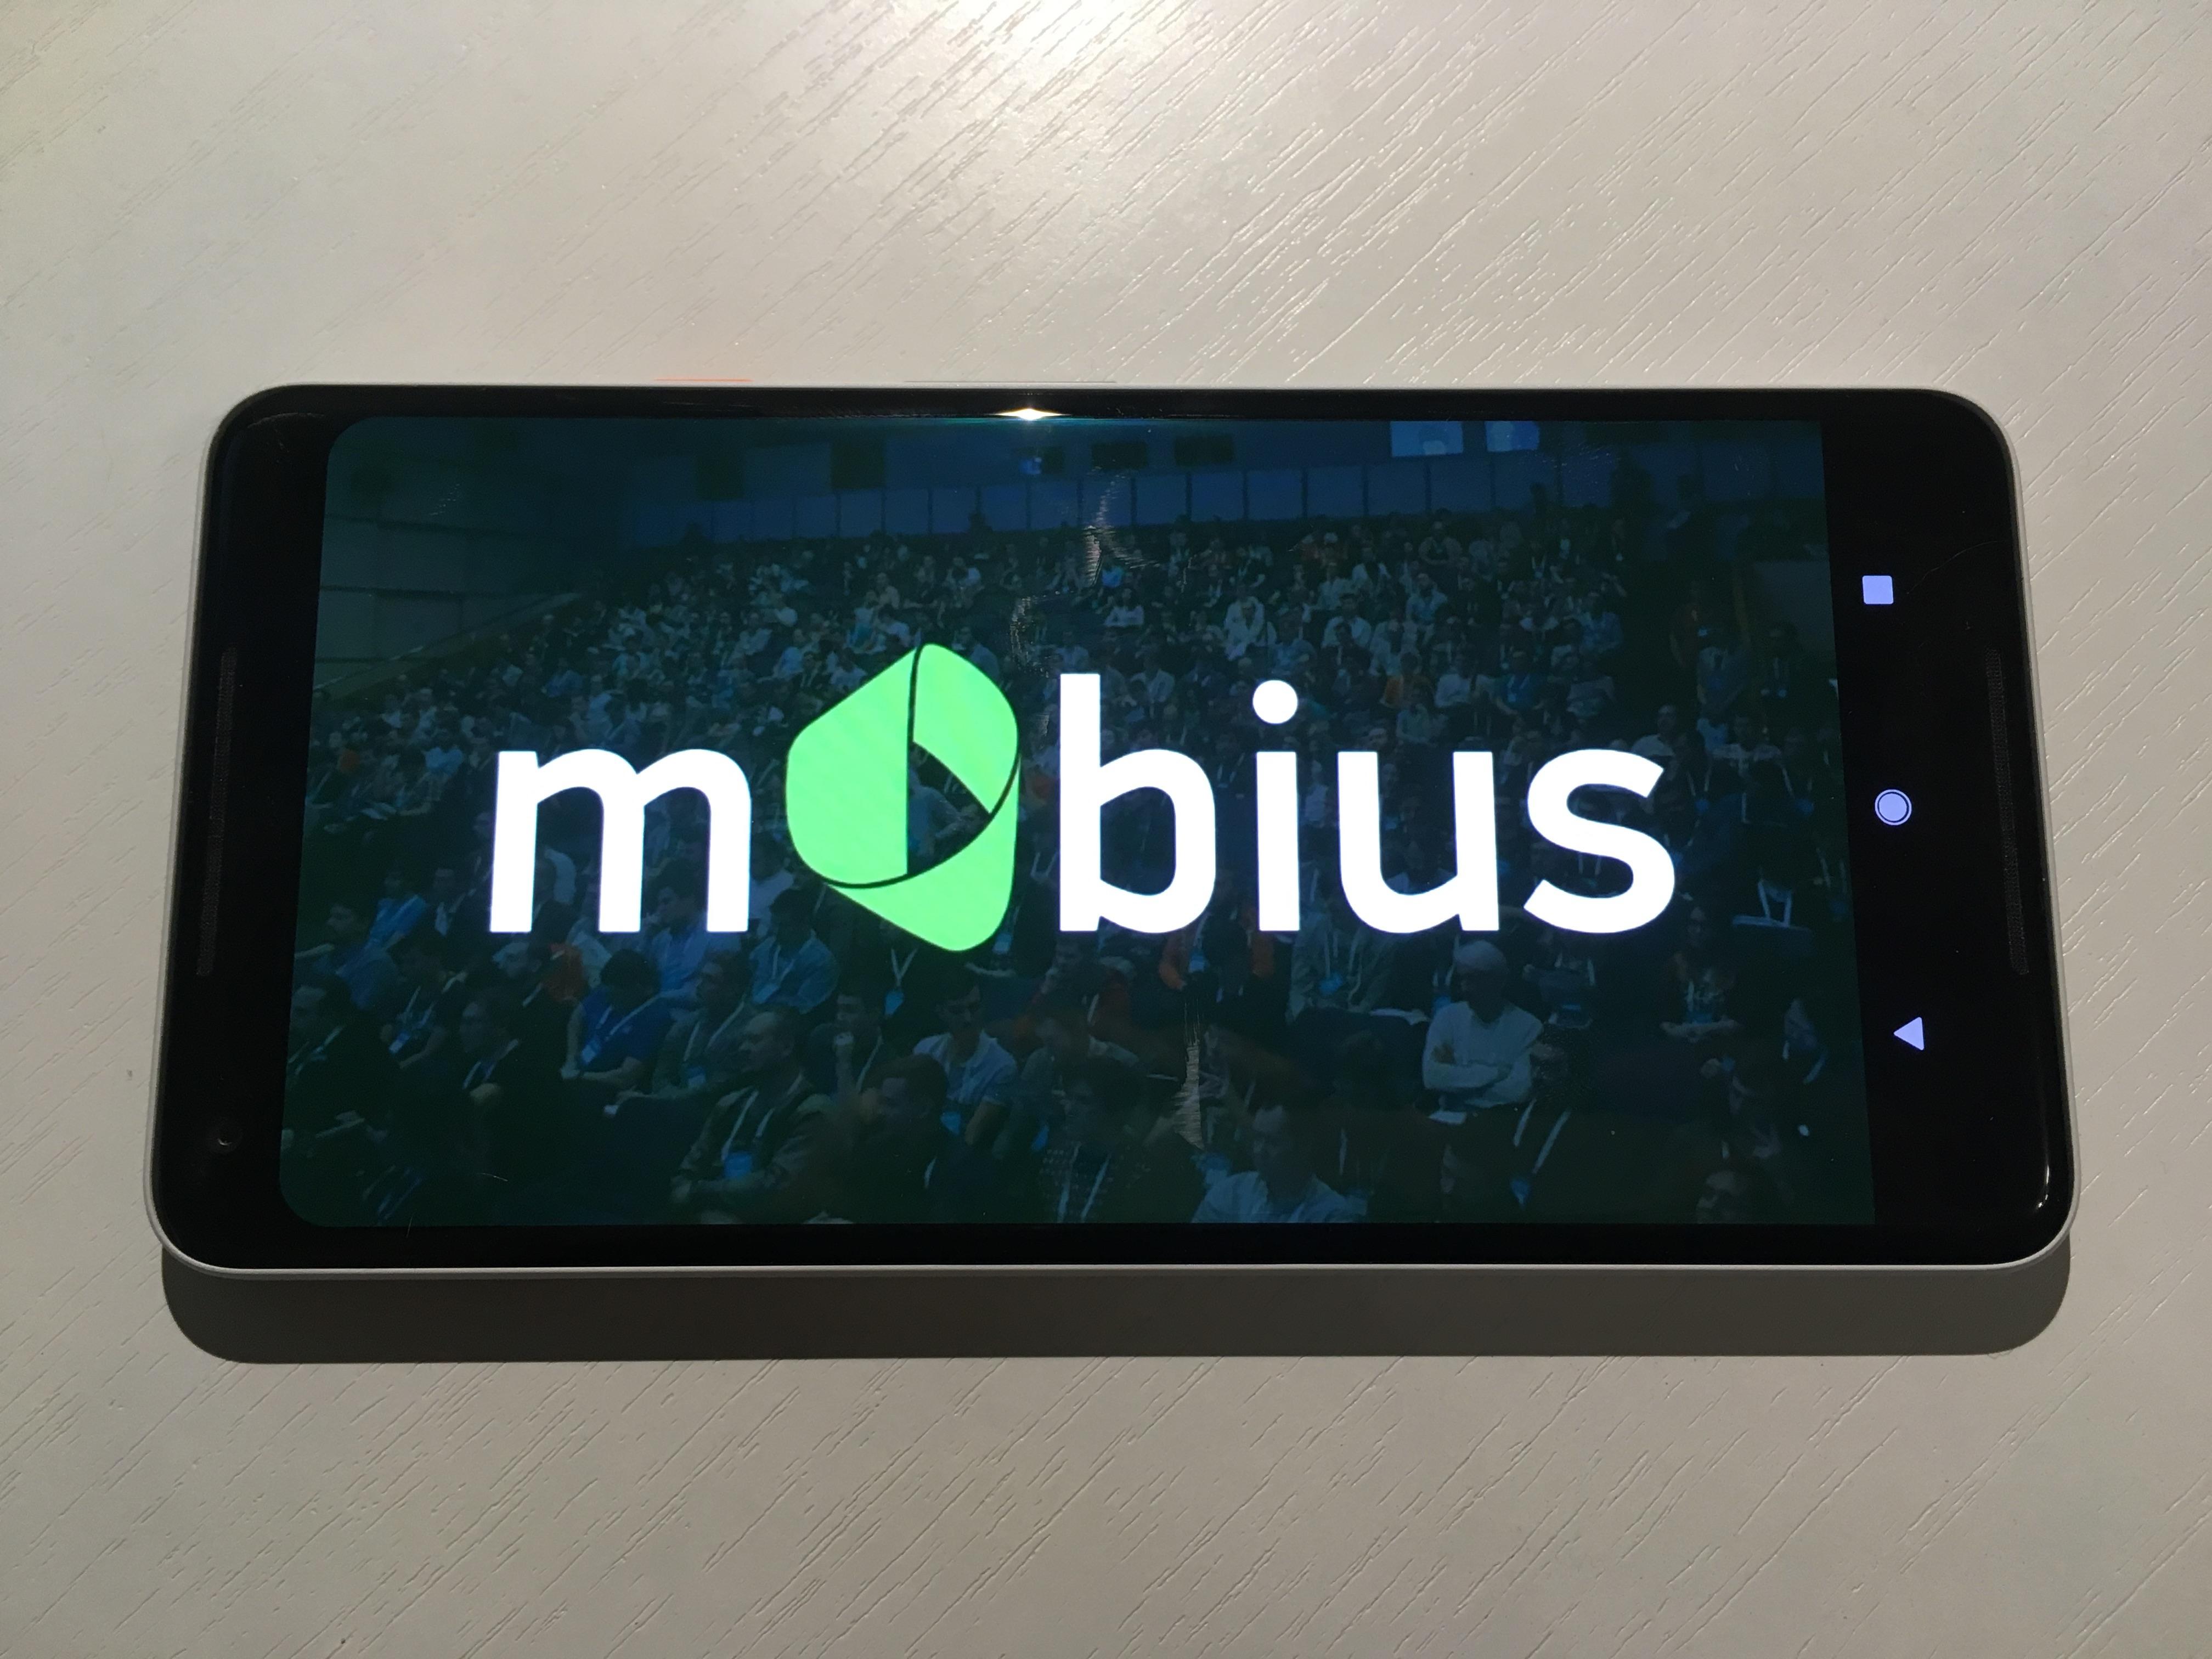 Mobile weekend: Mobius